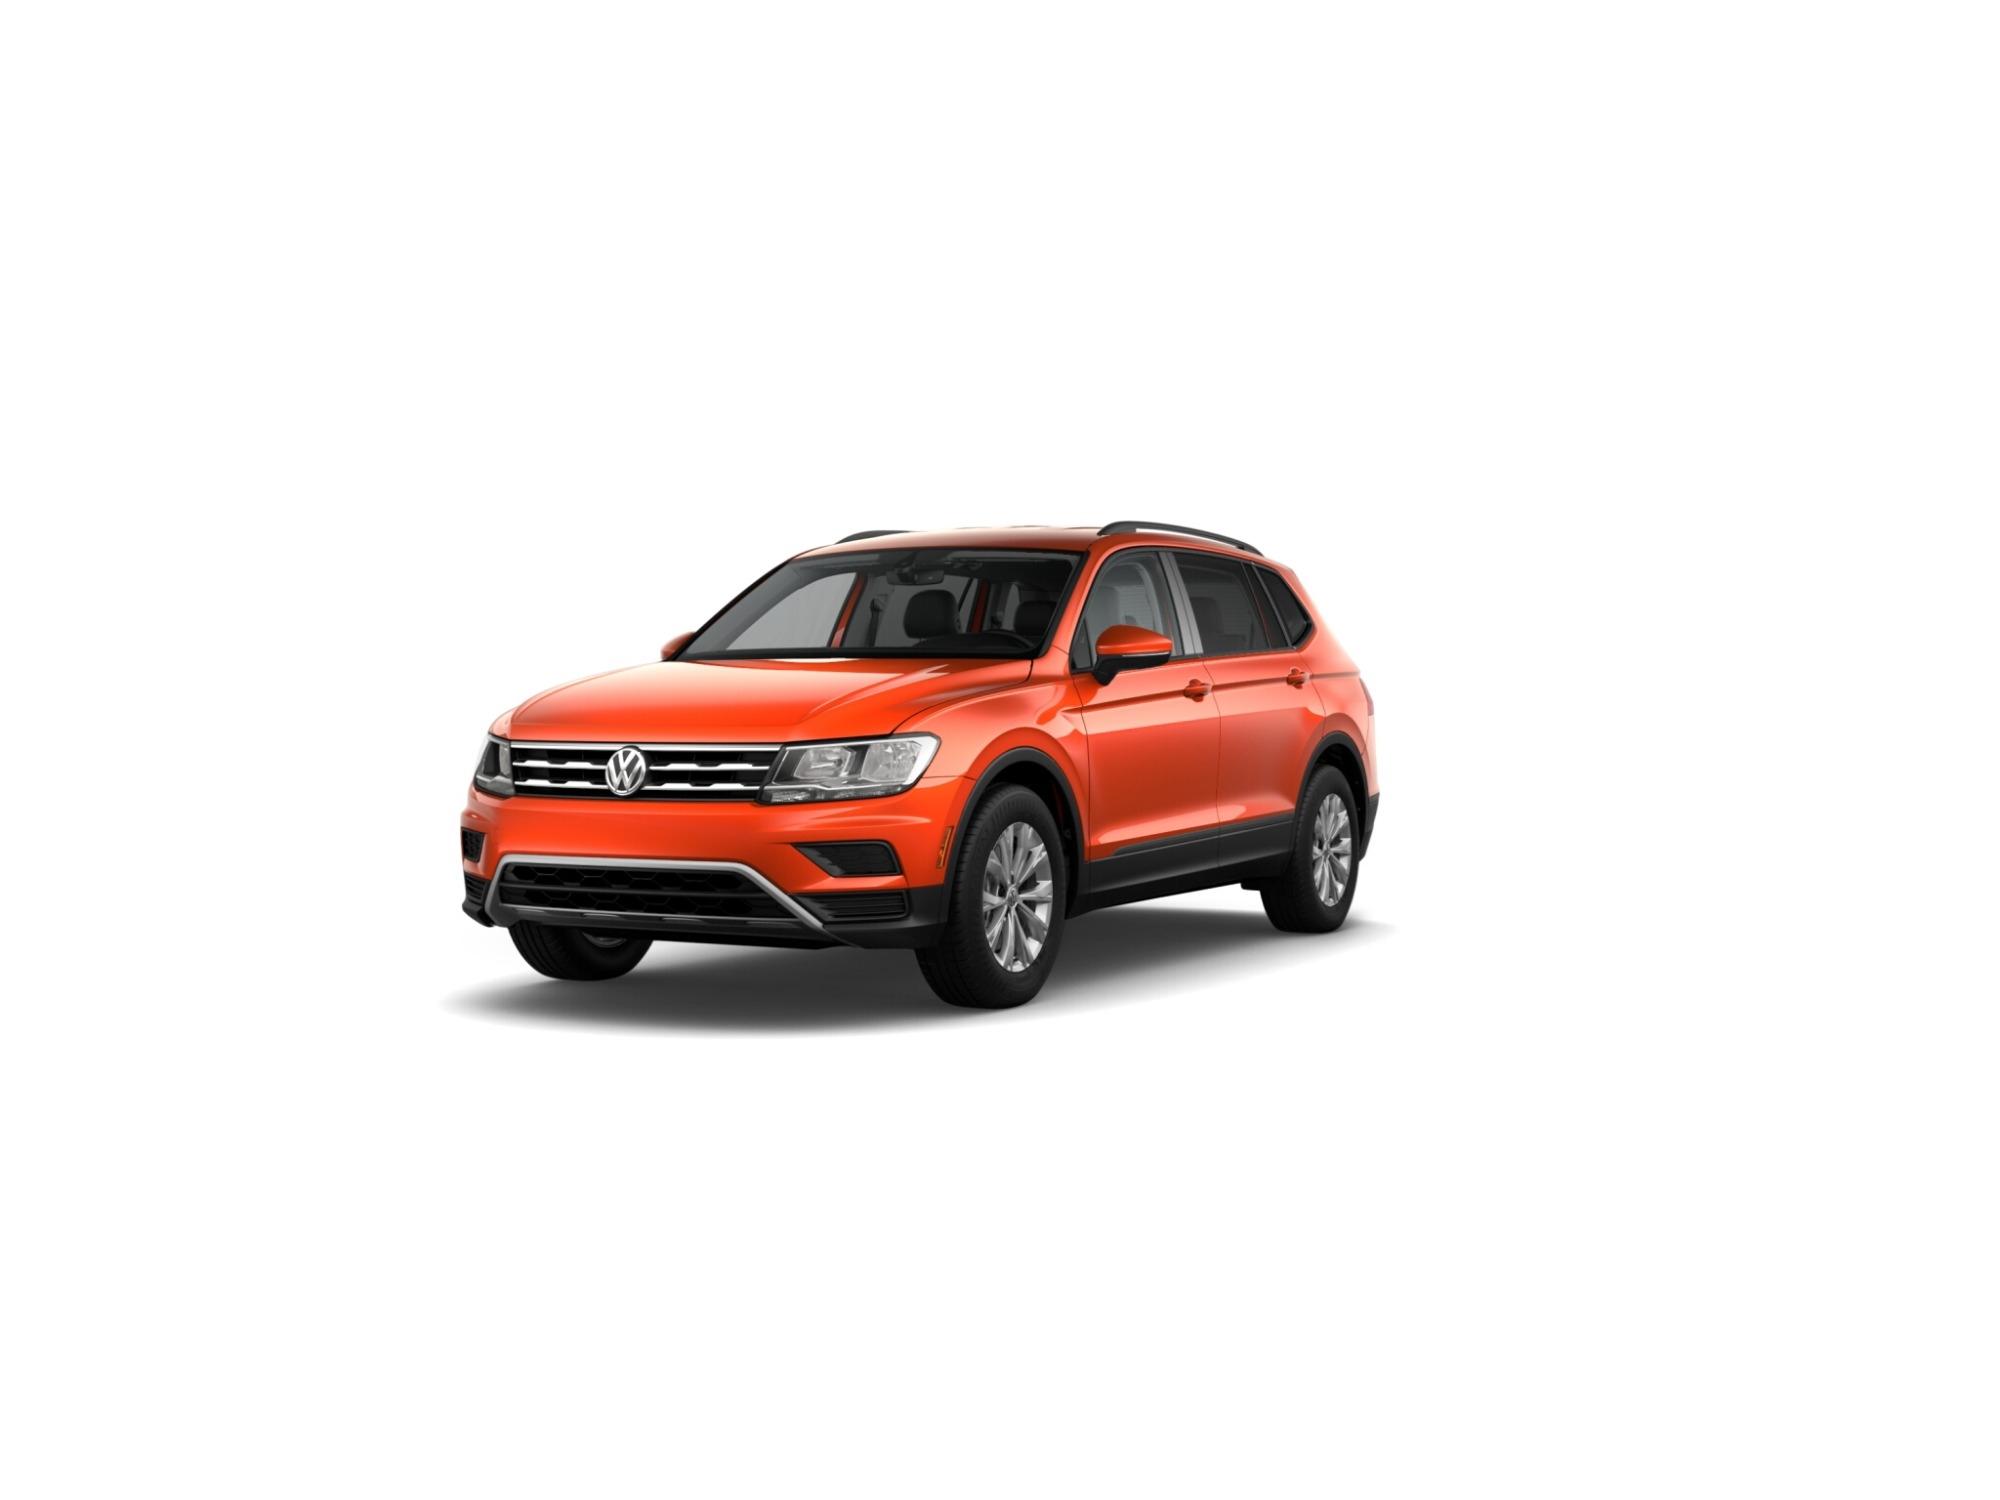 2021 Volkswagen Tiguan SE Full Specs, Features and Price ...